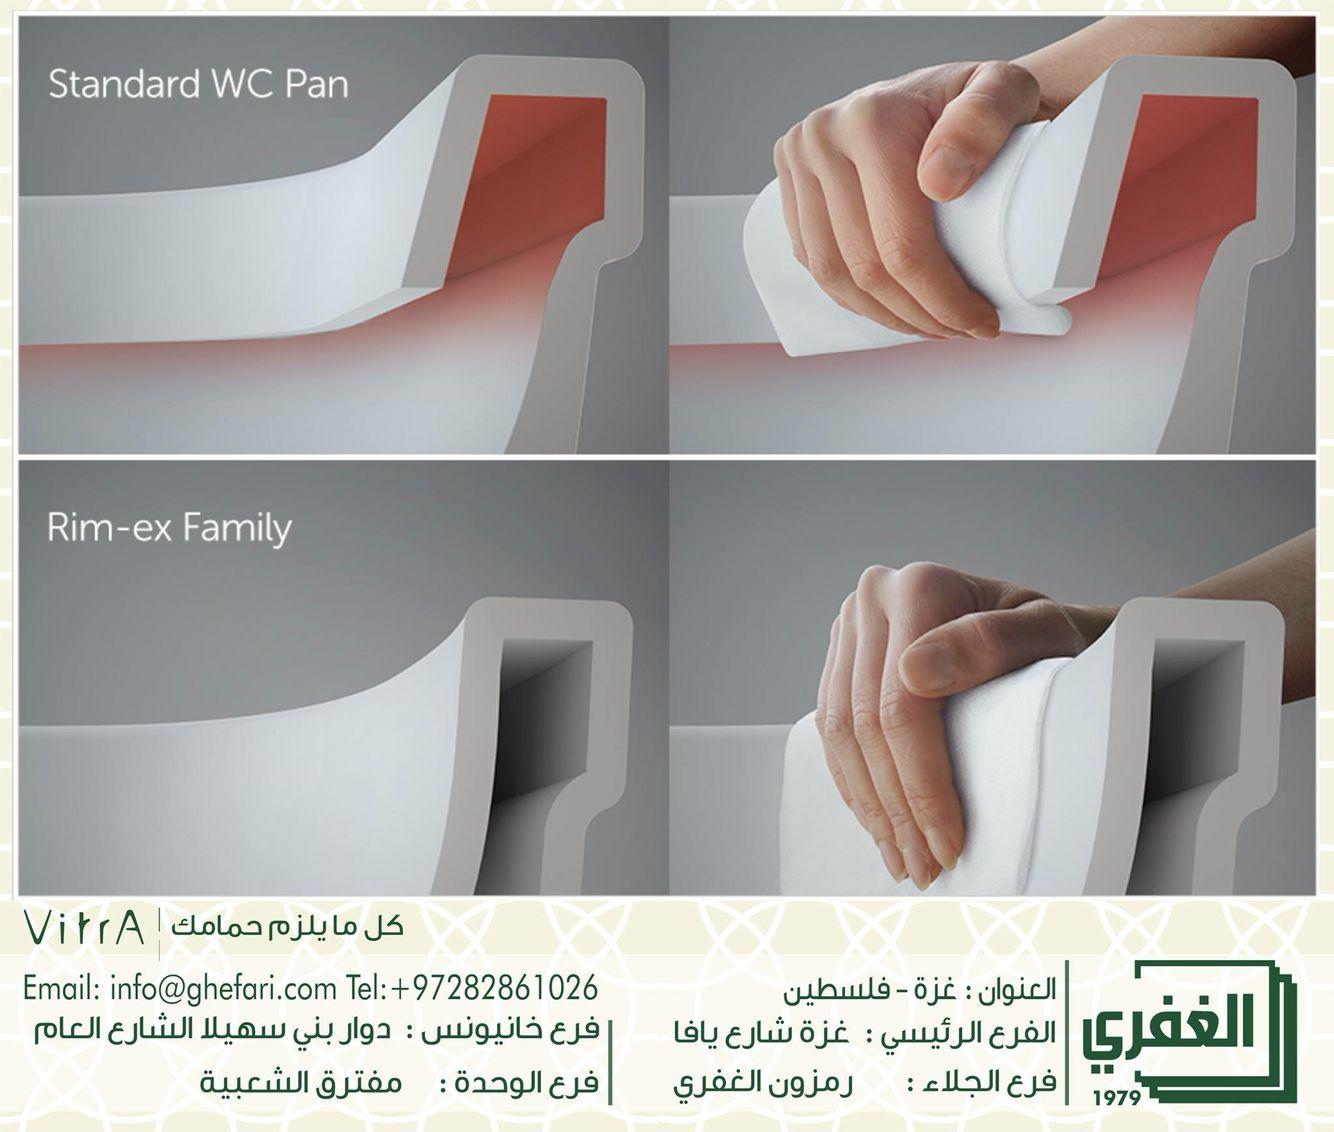 بأختيارك احد منتجات شركة Vitra التركية من احد معارضنا توفر الكثير من الوقت وسهولة في تنظيف كرسي الحمام معلق بدون حفة داخلية وان Home Decor Decor Wearable